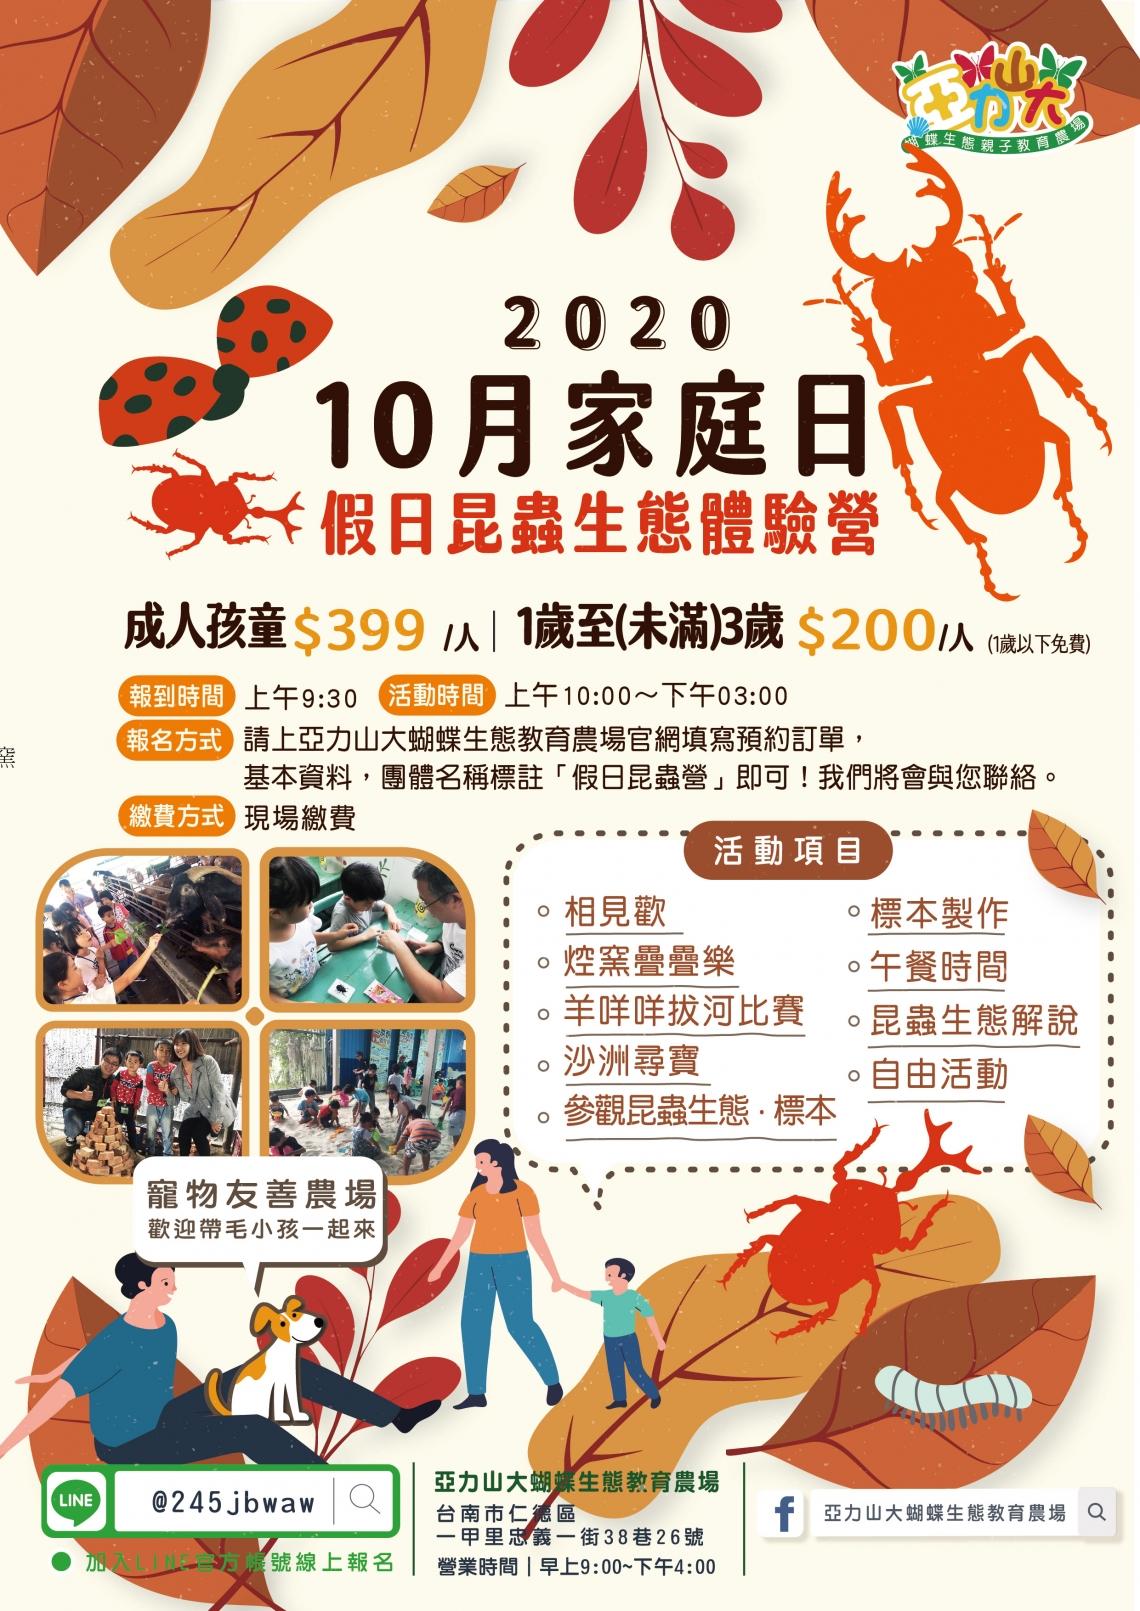 10月家庭日 假日昆蟲生態體驗營